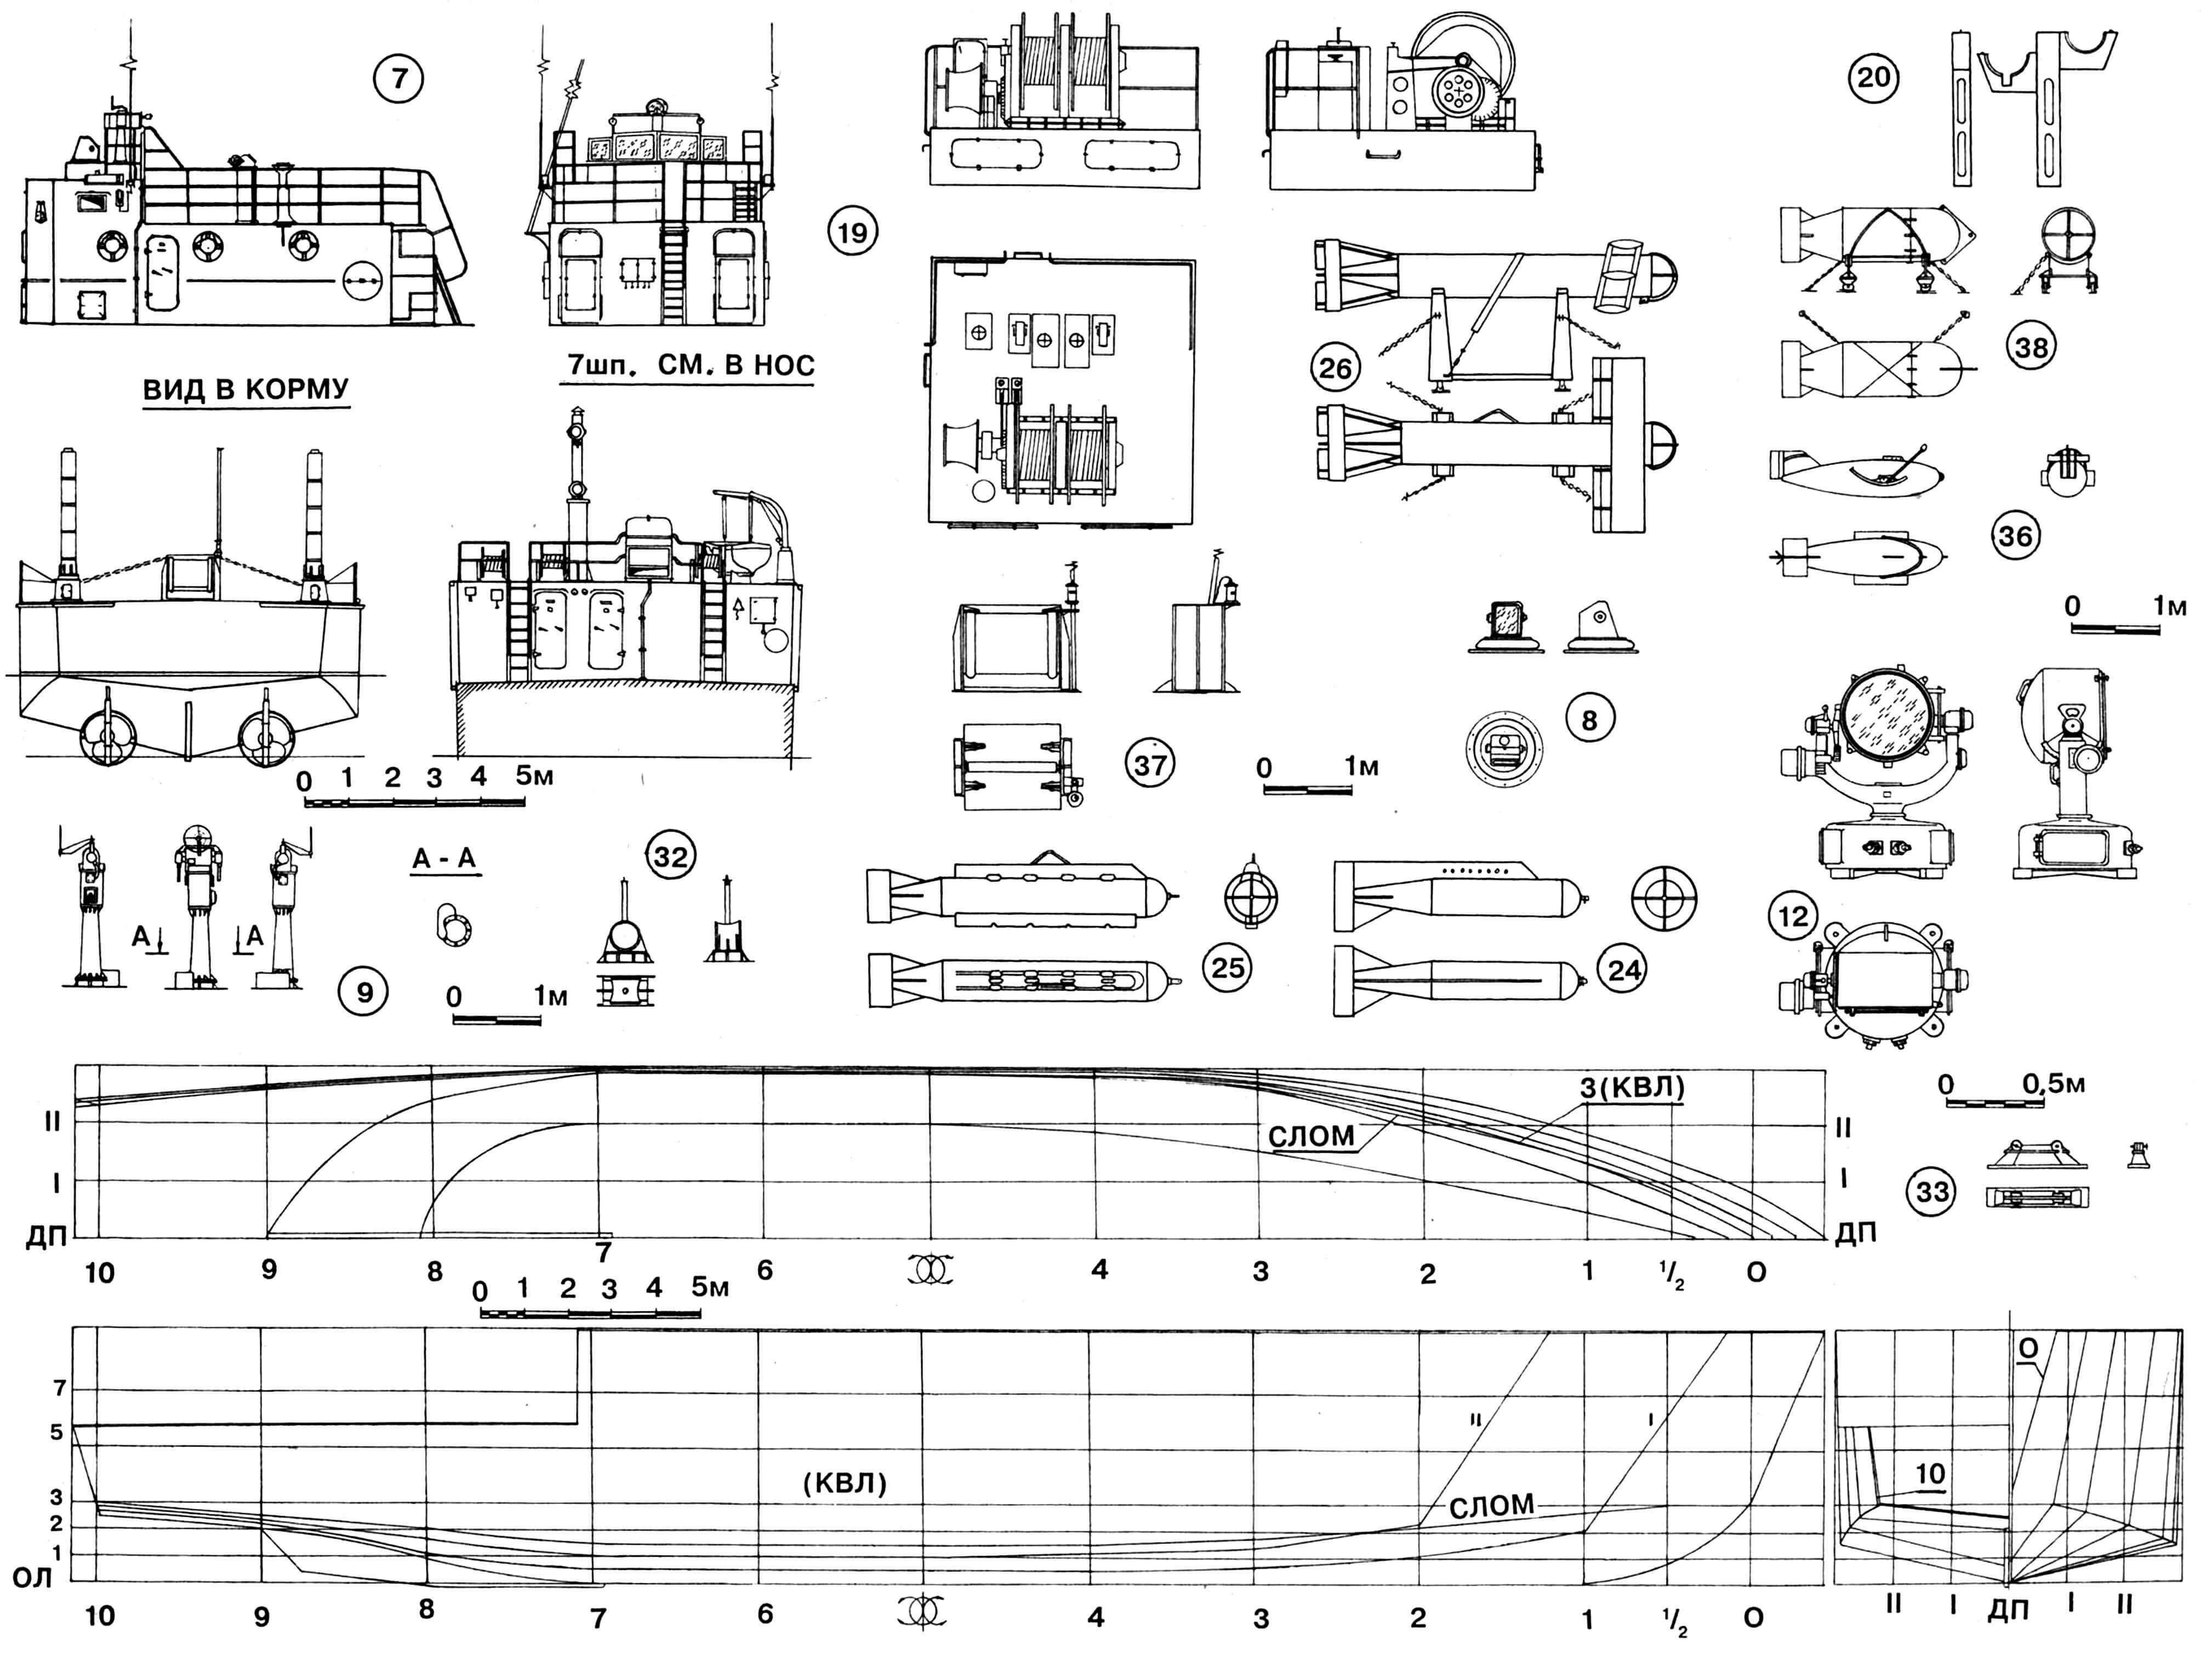 Базовый тральщик проекта 257Д: 1 — привальный брус, 2 — якорь Холла, 3 — якорный сигнально-отличительный огонь (СОО), синий, 4 — штаговый СОО, белый, 5 — шпиль якорно-швартовый, 6 — артустановка АК-230, 7 — надстройка, 8 — оптический визир, 9 — визирная колонка, 10 — станция РЭБ, 11 — топовый СОО, белый, 12 — прожектор, 13 — тральные СОО, зеленые, 14 — СОО «Маневр с указания», белый, 15 — щелевая антенна навигационной РЛС, 16 — рамка радиопеленгатора, 17 — шлюп-балки, 18 — воздухозаборник, 19 — тральная лебедка, 20 — ложемент, 21 — кран-балка гидравлическая КБГ1 -1, 22 — буксирный СОО, желтый, 23 — нижний кильватерный СОО, белый, 24 — буй поддерживающий, 25 — искатель-уничтожитель, 26 — телевизионный искатель (показаны возможные варианты крепления в стапеле), 27 — контейнеры спасательных плотов, 28 — вентиляционные оголовки, 29 — вьюшка, 30 — крышка люка, 31 — винтовой фрикционный стопор, 32 — носовой клюз, 33 — киповая планка, 34 — кнехты, 35 — шлюпка ЯЛ-6, 36 — буи ведущие, 37 — тральный клюз, 38 — трал акустический, 39 — бортовые СОО (прав. — зеленый, лев. — красный), 40 — СОО «Ограничен в возможности маневрировать», белый, два красных, 41 — клотиковый СОО, красный, 42 — клотиковые СОО, белые, 43 — СОО «Не могу управляться», два красных.